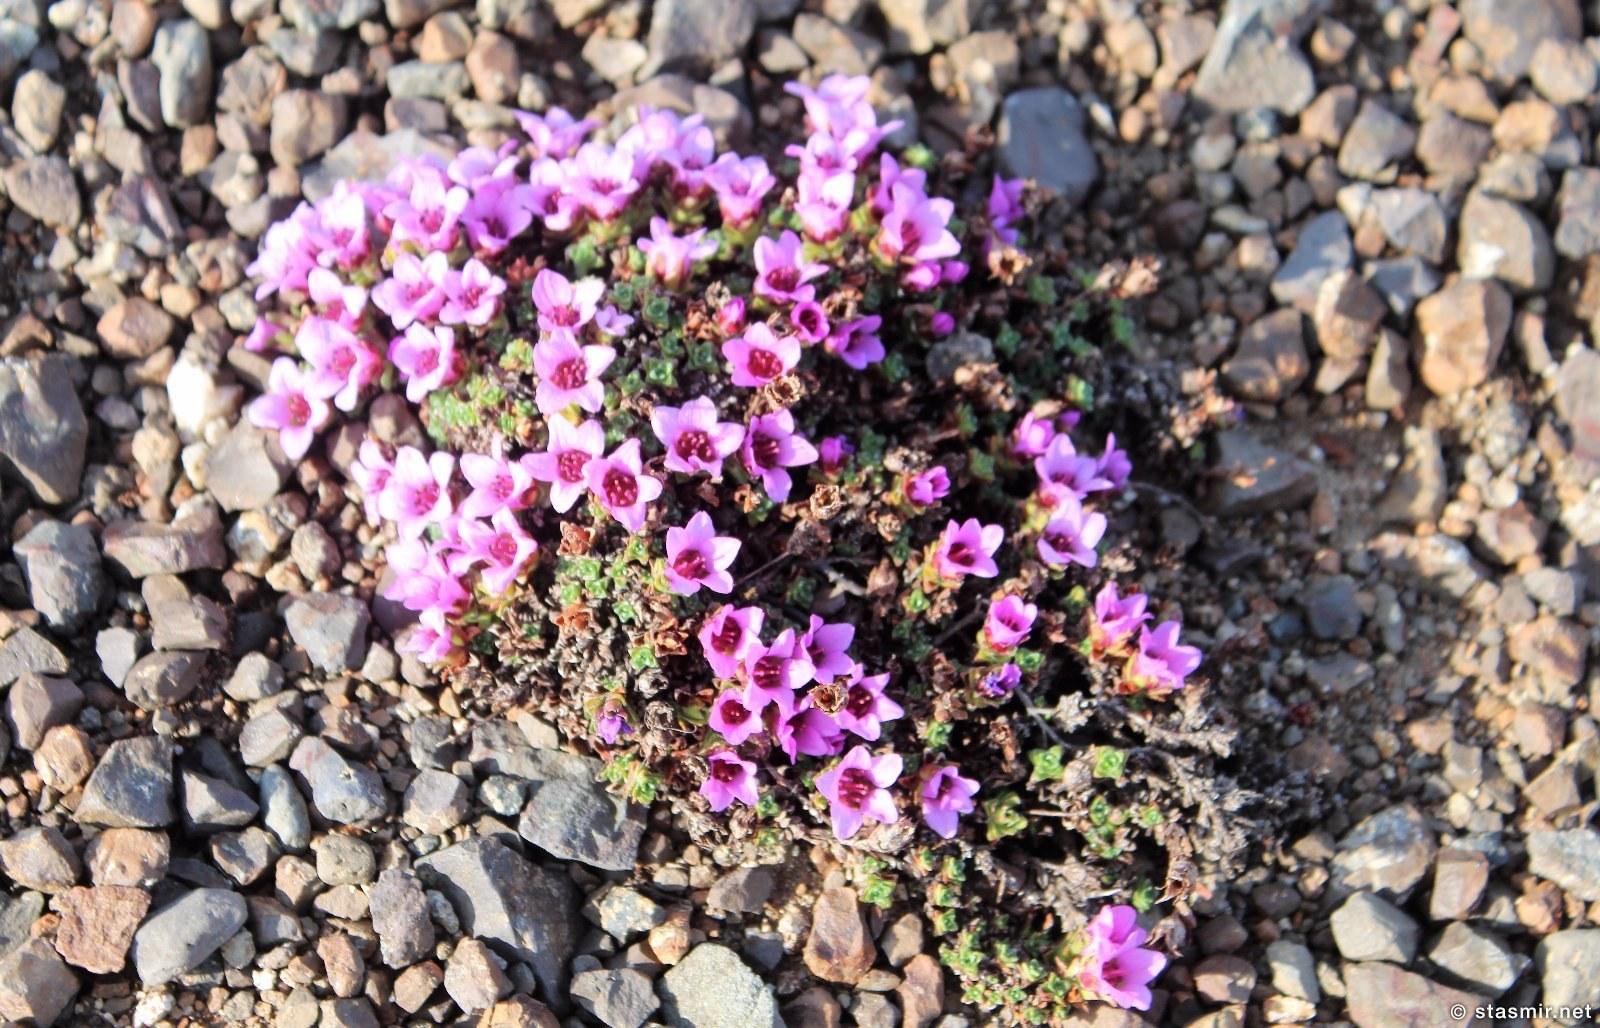 цветет смолевка бесстебельная в Исландии в мае, фото Стасмир, фото Стасмир